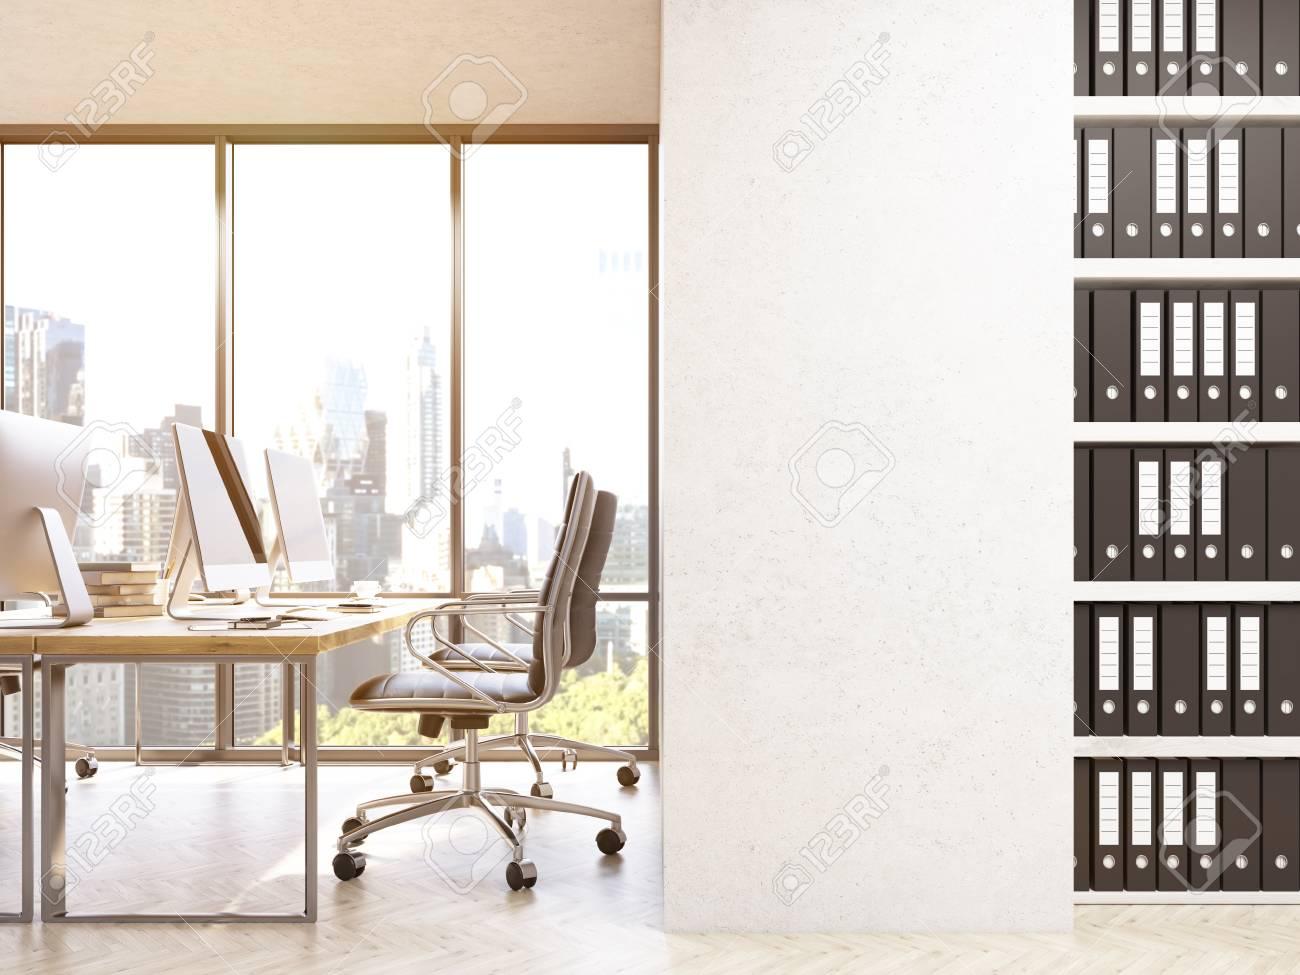 Vue de dessus d un bureau de travail avec un cahier blanc ouvert